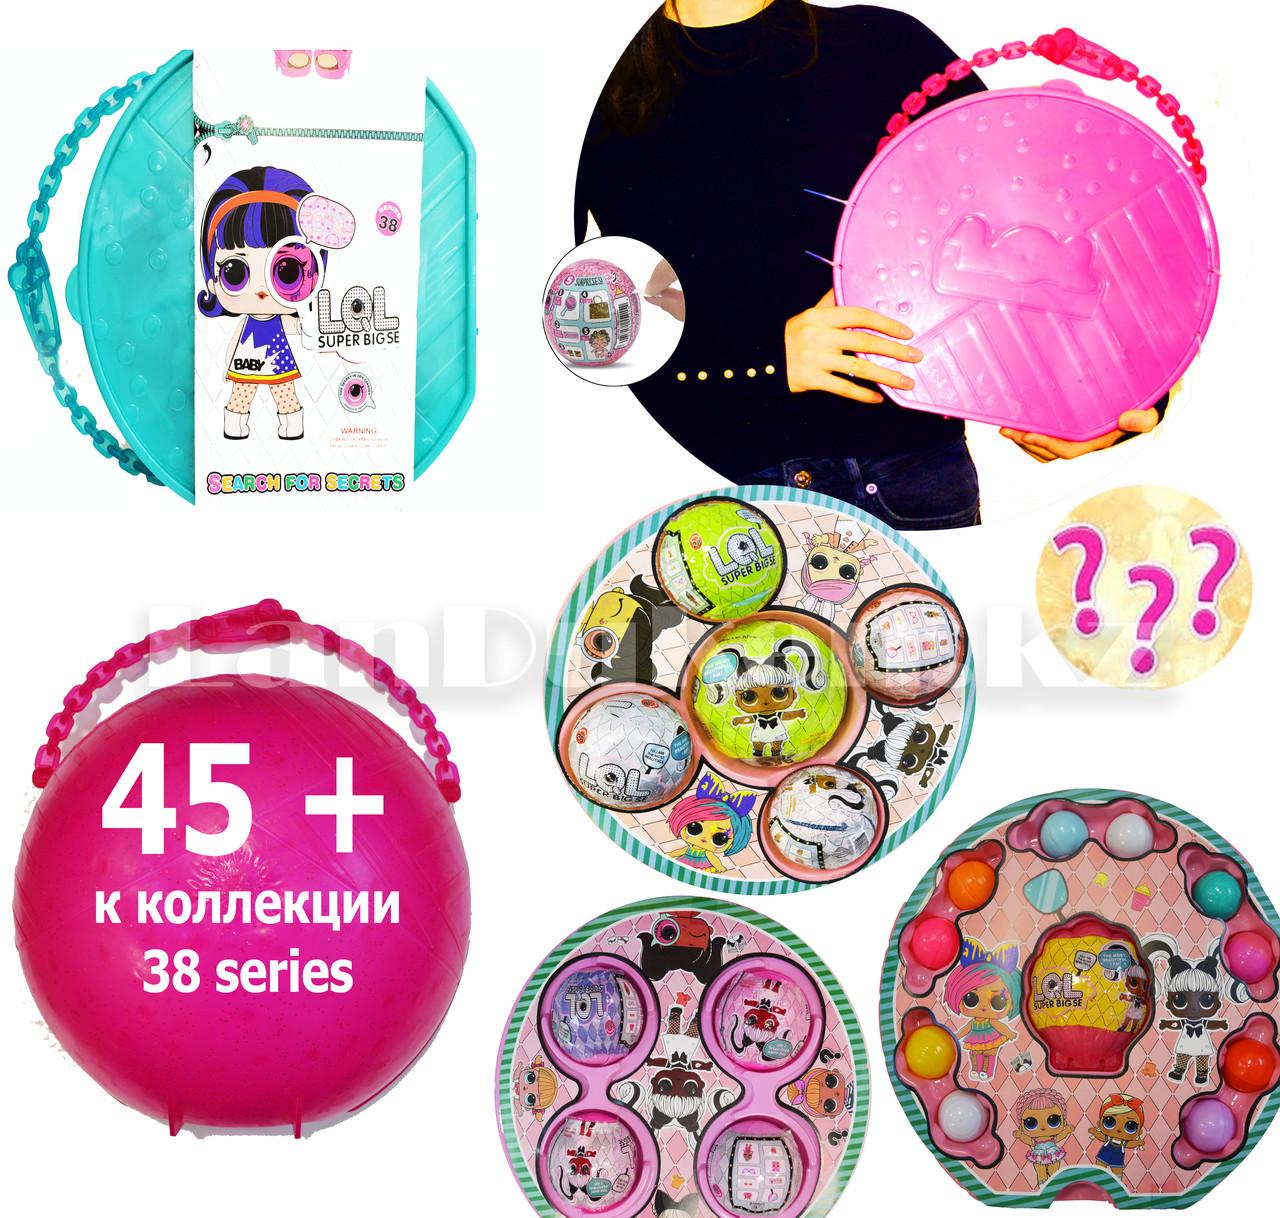 Большой шар сюрприз Big Lol Surprise кукла лол и аксессуары 45+ (series 38) в ассортименте - фото 1